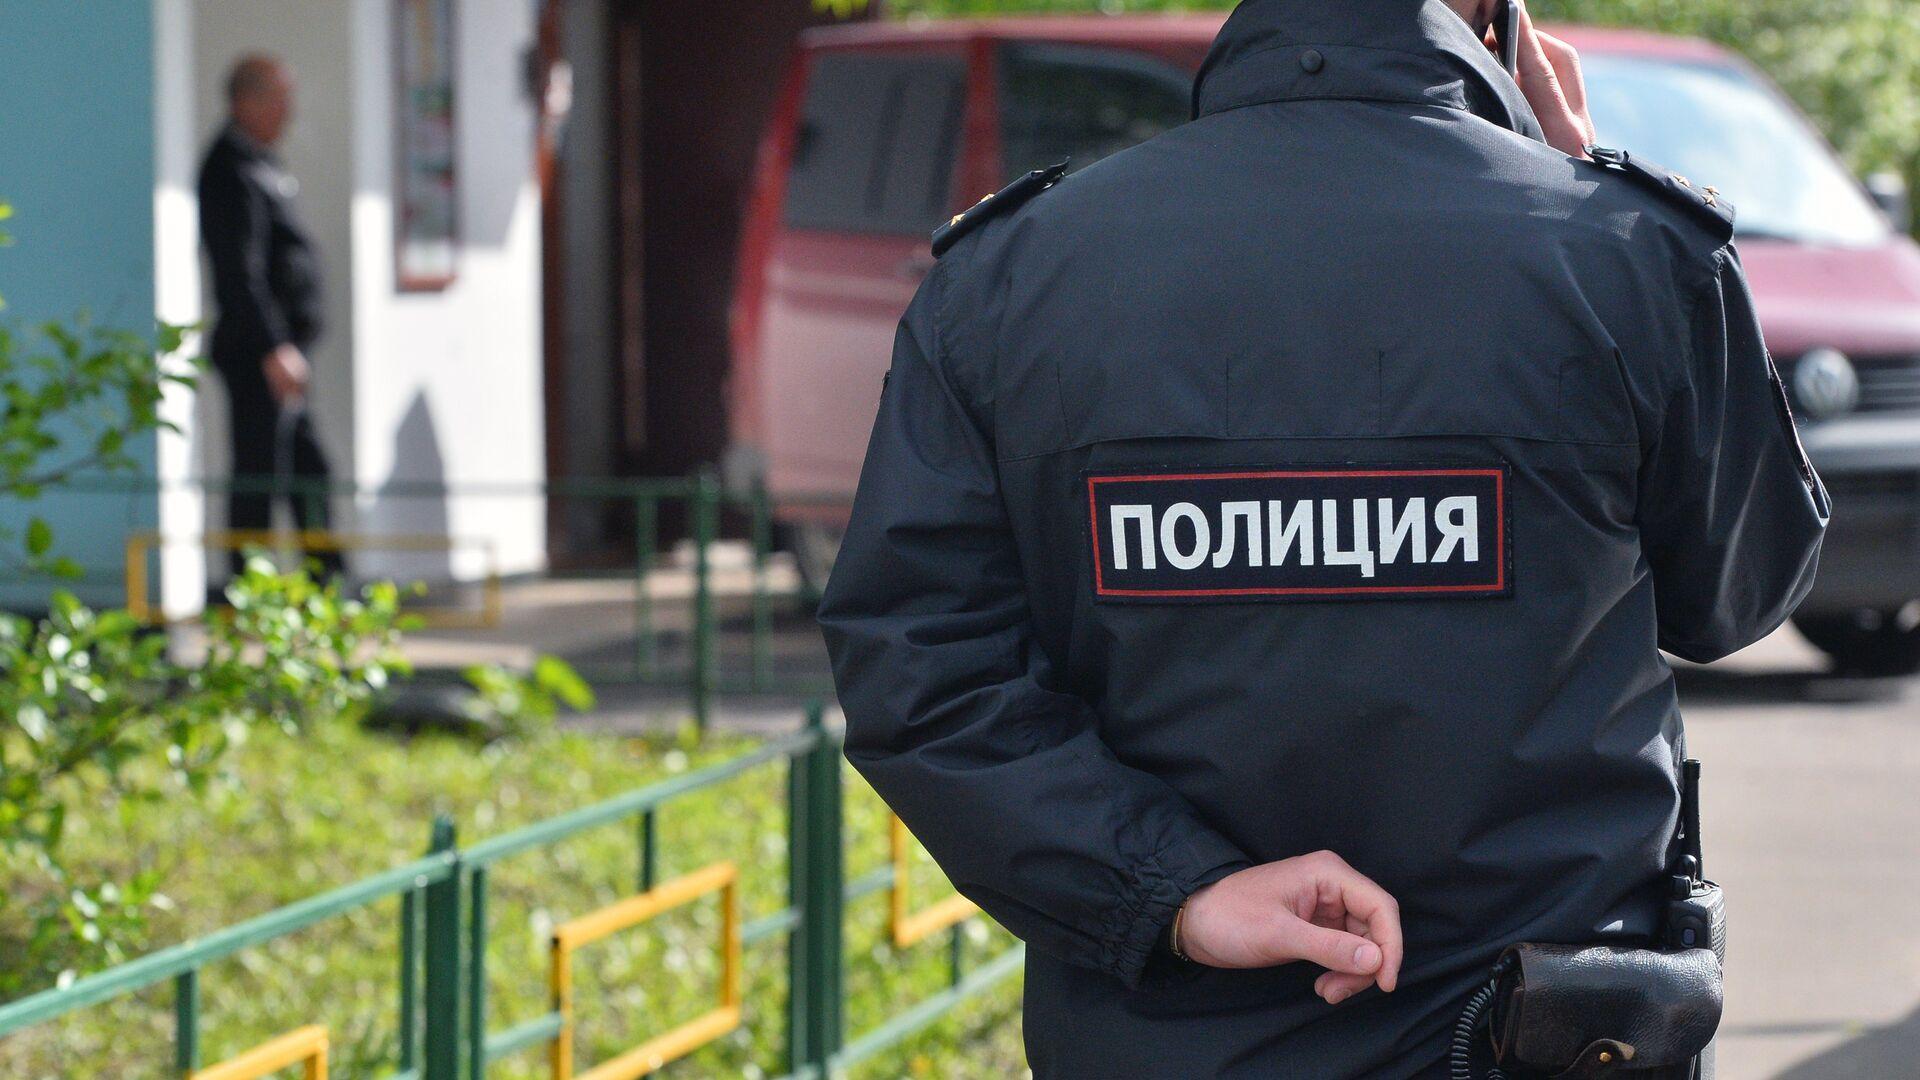 Сотрудник полиции на месте преступления - РИА Новости, 1920, 19.12.2019